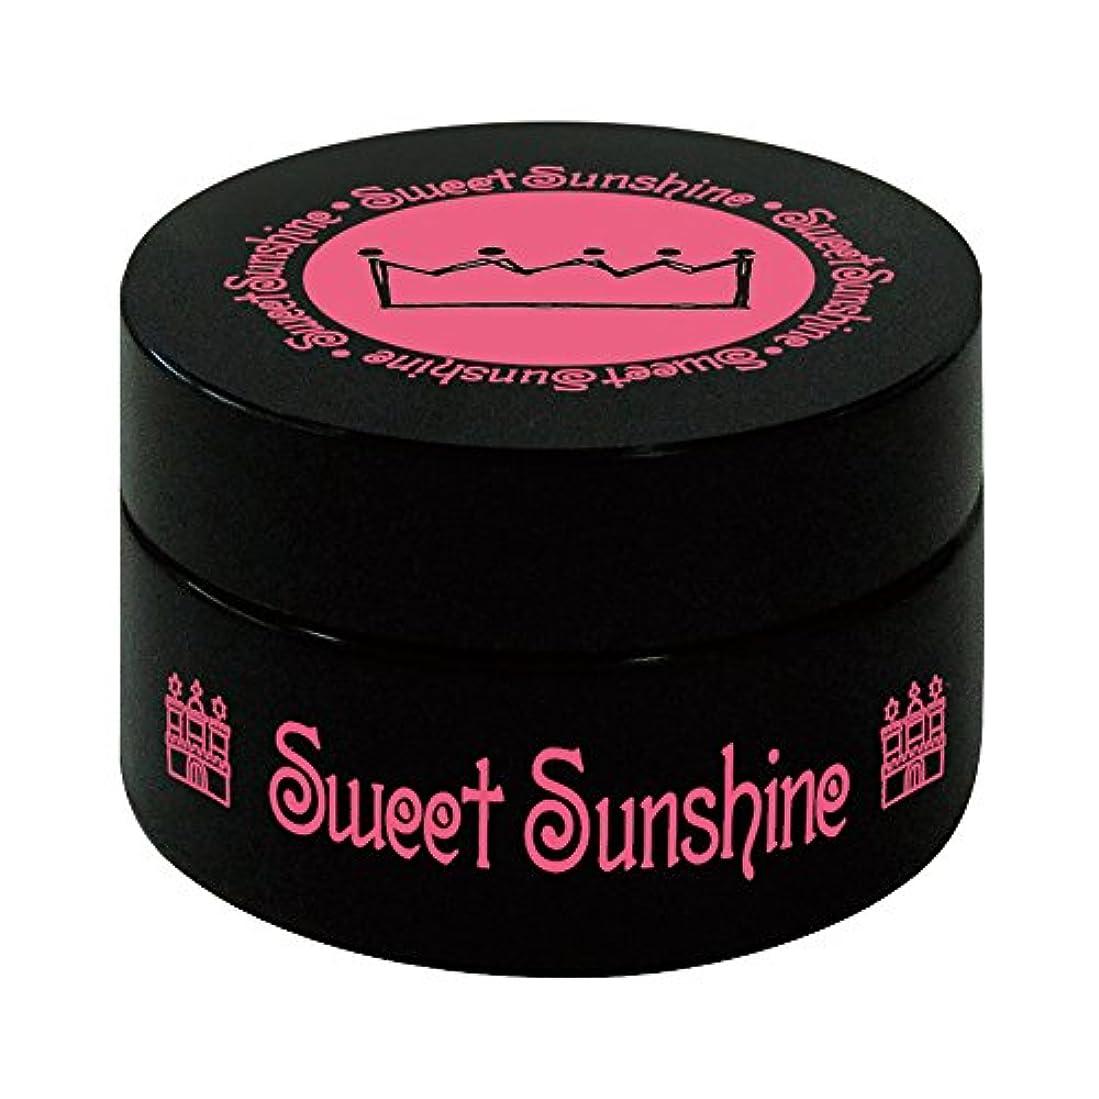 プロフィール好きスモッグ最速硬化LED対応 Sweet Sunshine スィート サンシャイン カラージェル SC-18 4g フレンチピンク